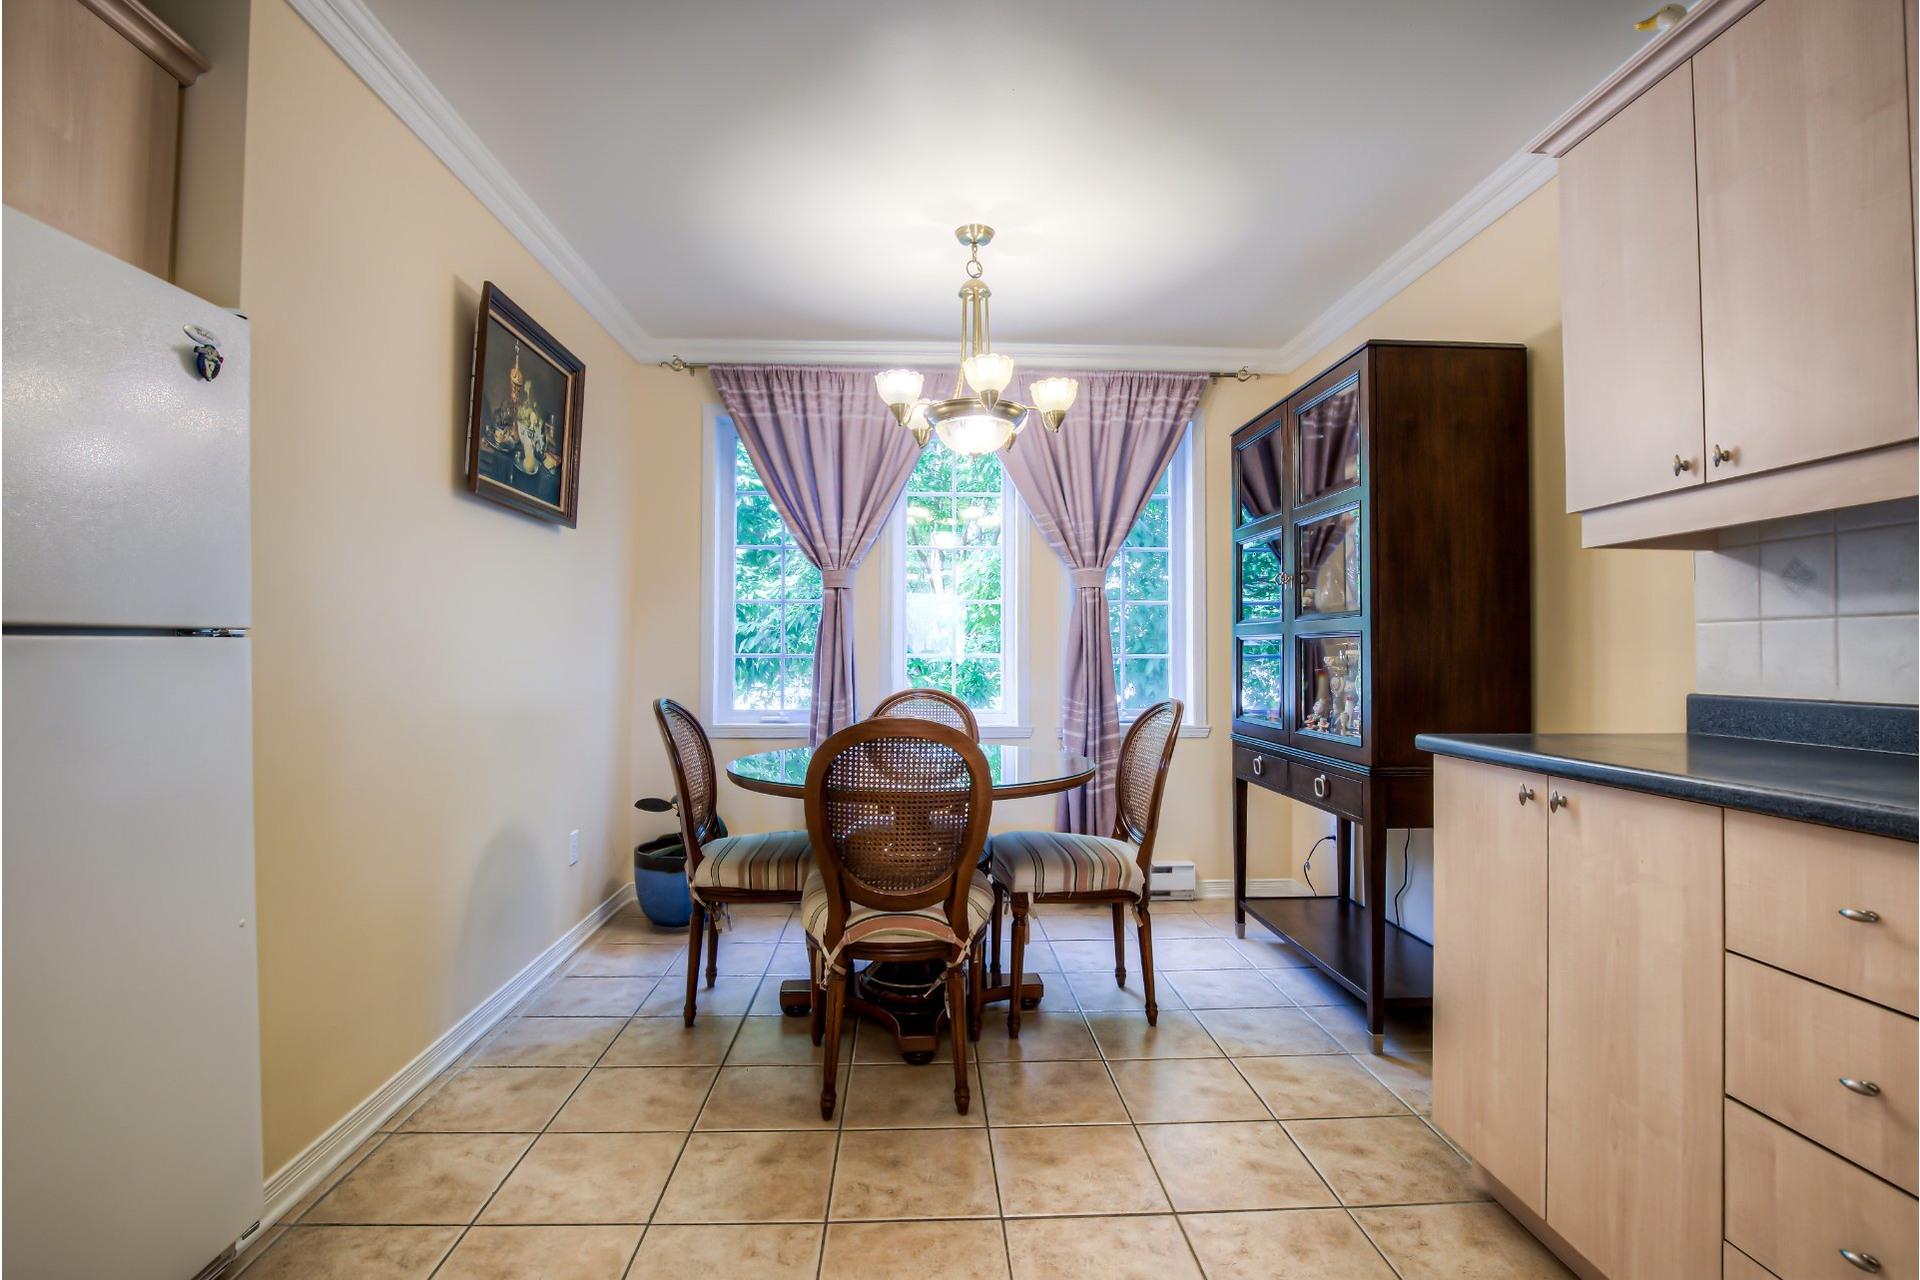 image 5 - Maison À vendre Pierrefonds-Roxboro Montréal  - 8 pièces